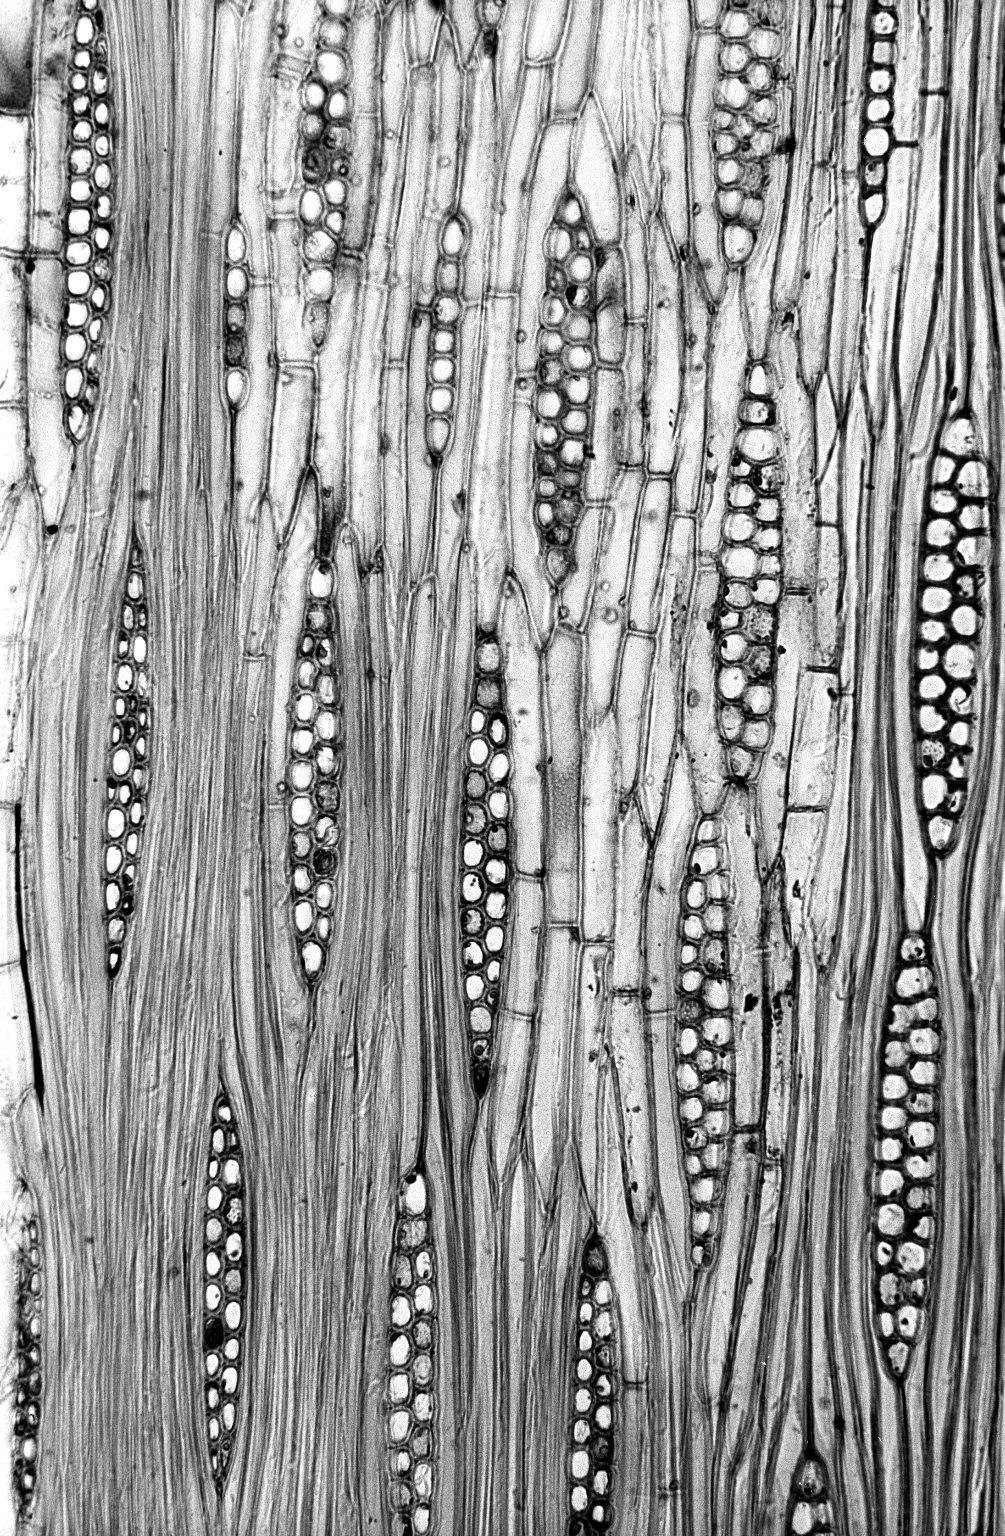 BIGNONIACEAE Tabebuia rosea